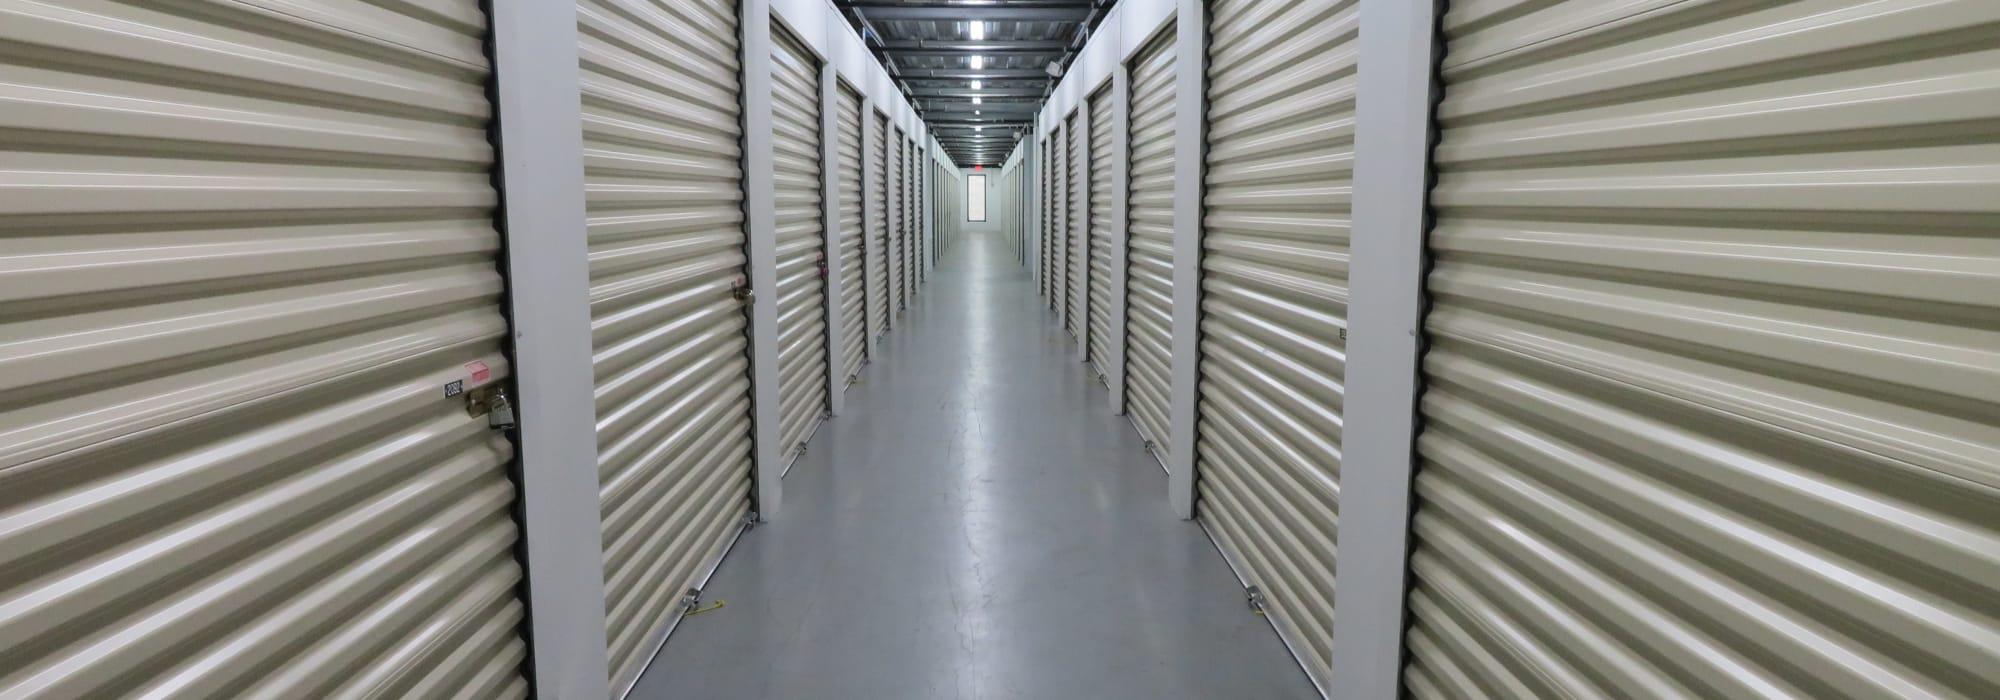 Self storage from Stop-N-Go Storage in Steamboat Springs, Colorado